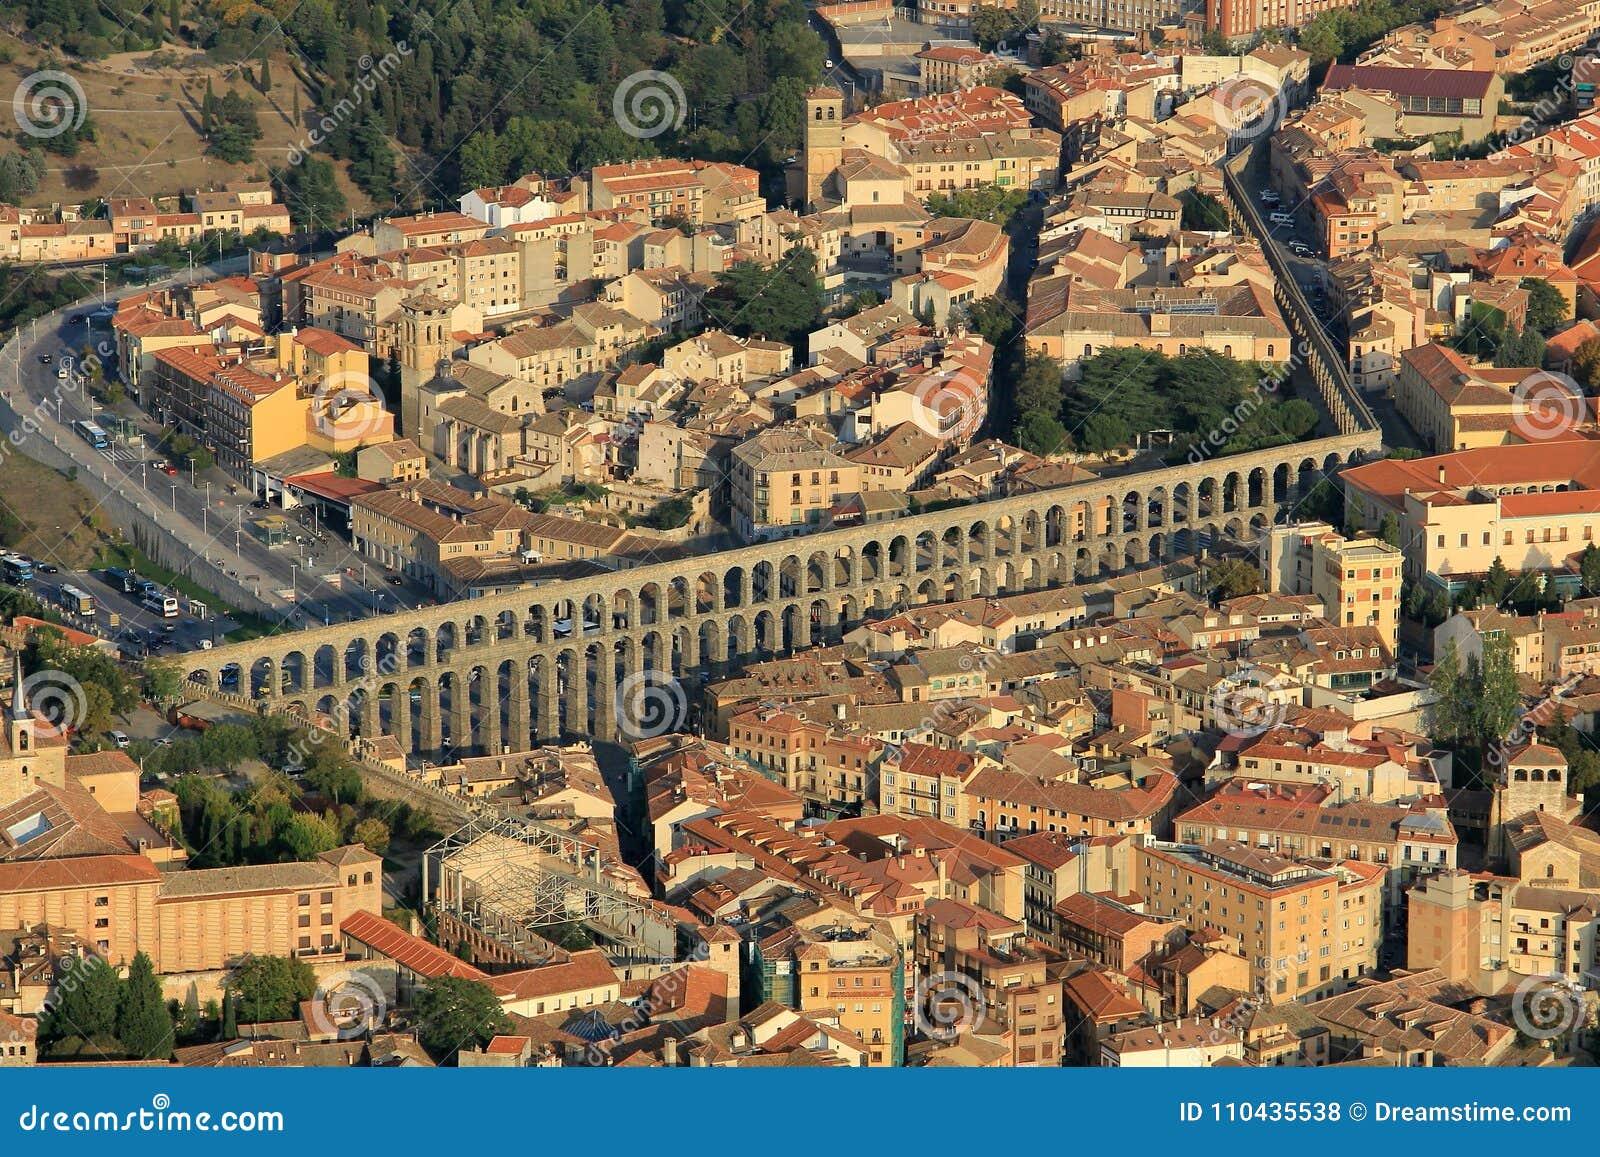 塞戈维亚,中世纪市鸟瞰图西班牙 它显示渡槽和城市的市中心